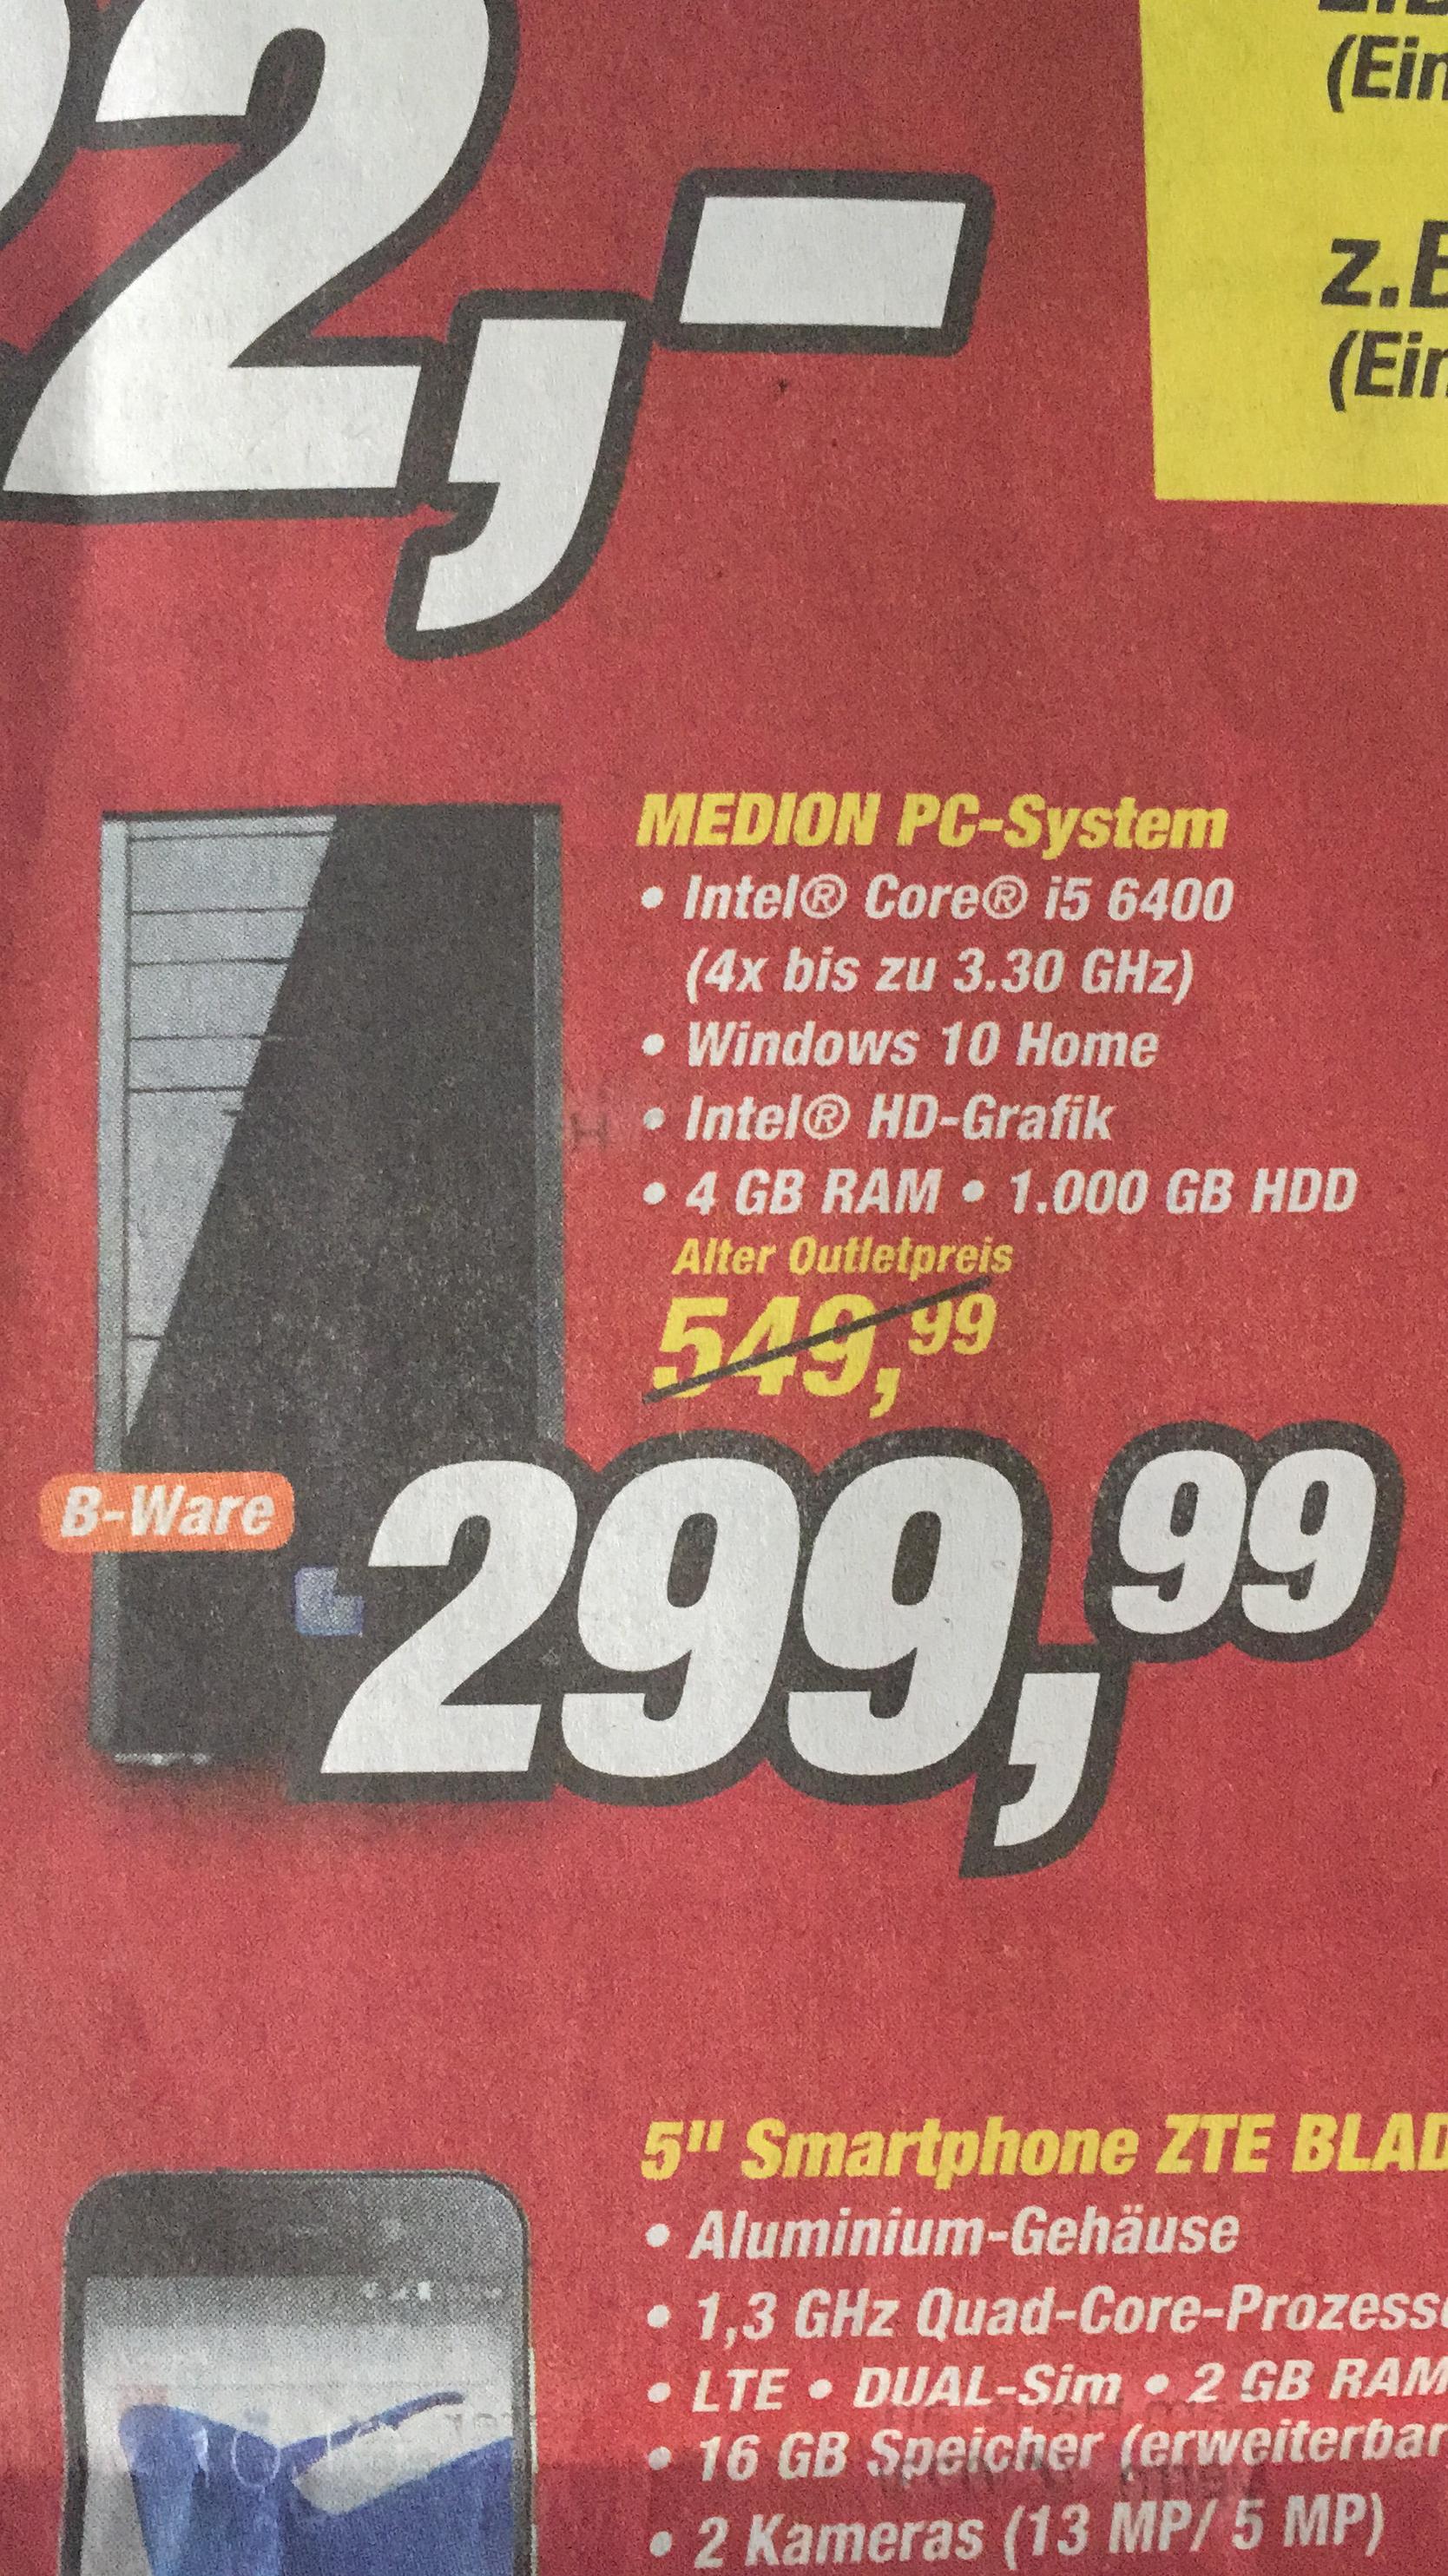 Medion Fabrikverkauf, PC i5-6400, 4GB, 1000GB, Windows 10, B-Ware, in Essen